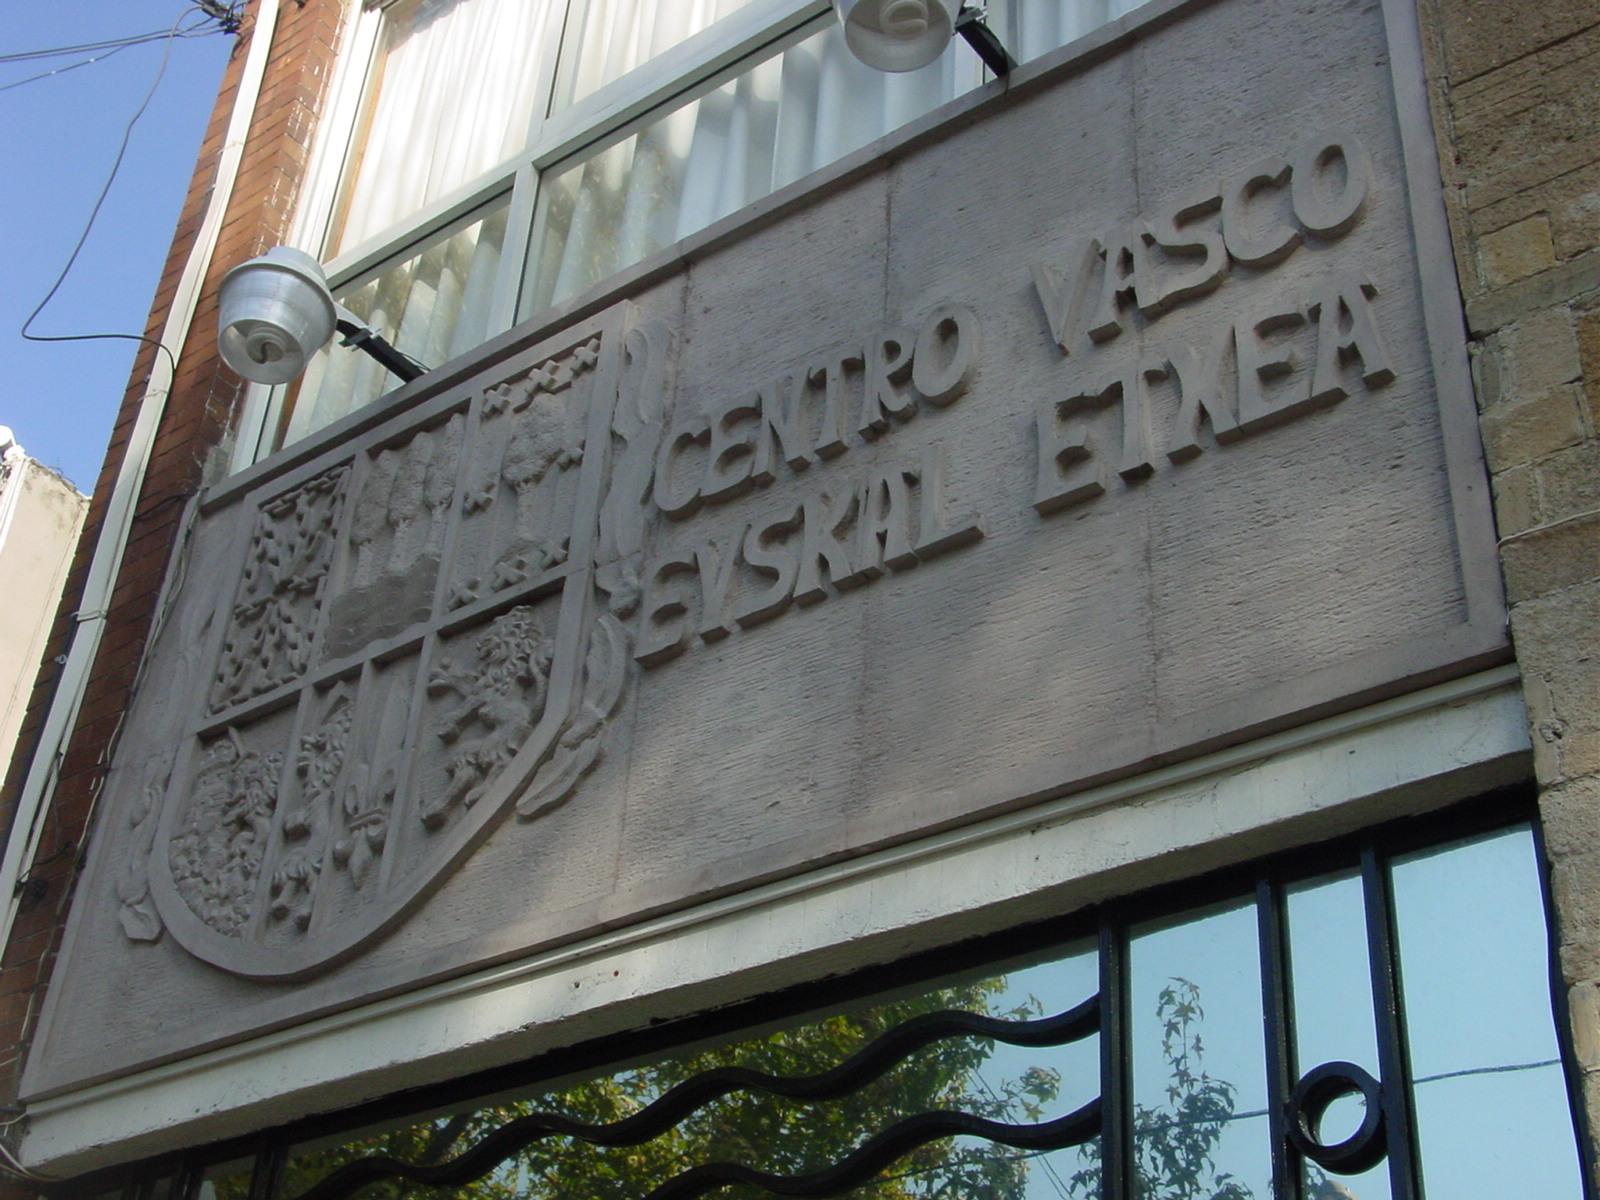 Euskal Etxea Basque Center Mexico DF Mexico